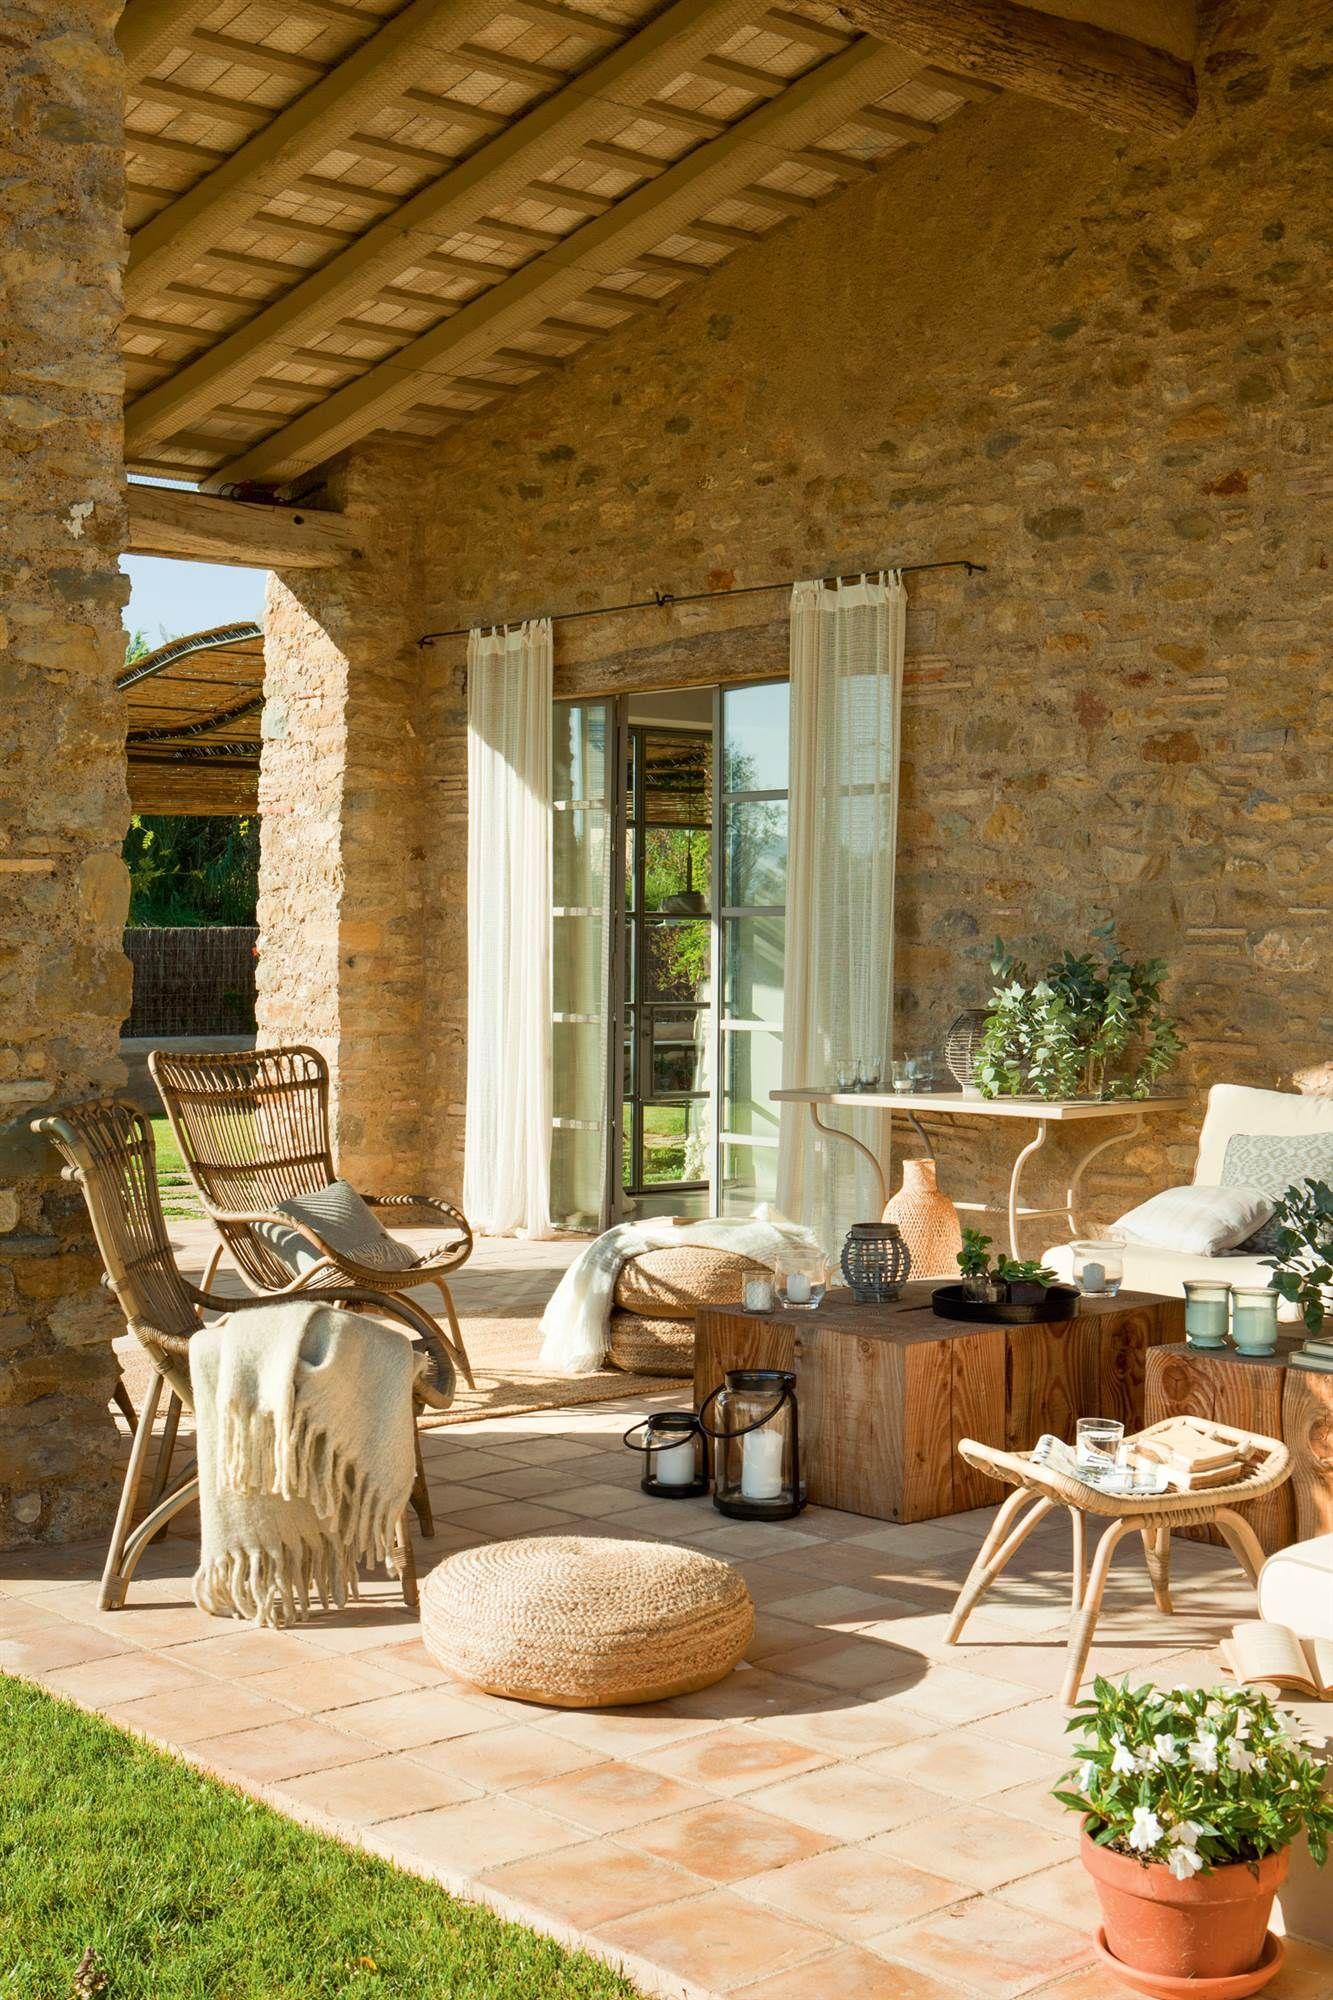 Peque as piezas m s comodidad casa de campo maison for Decoracion de casas con piedras